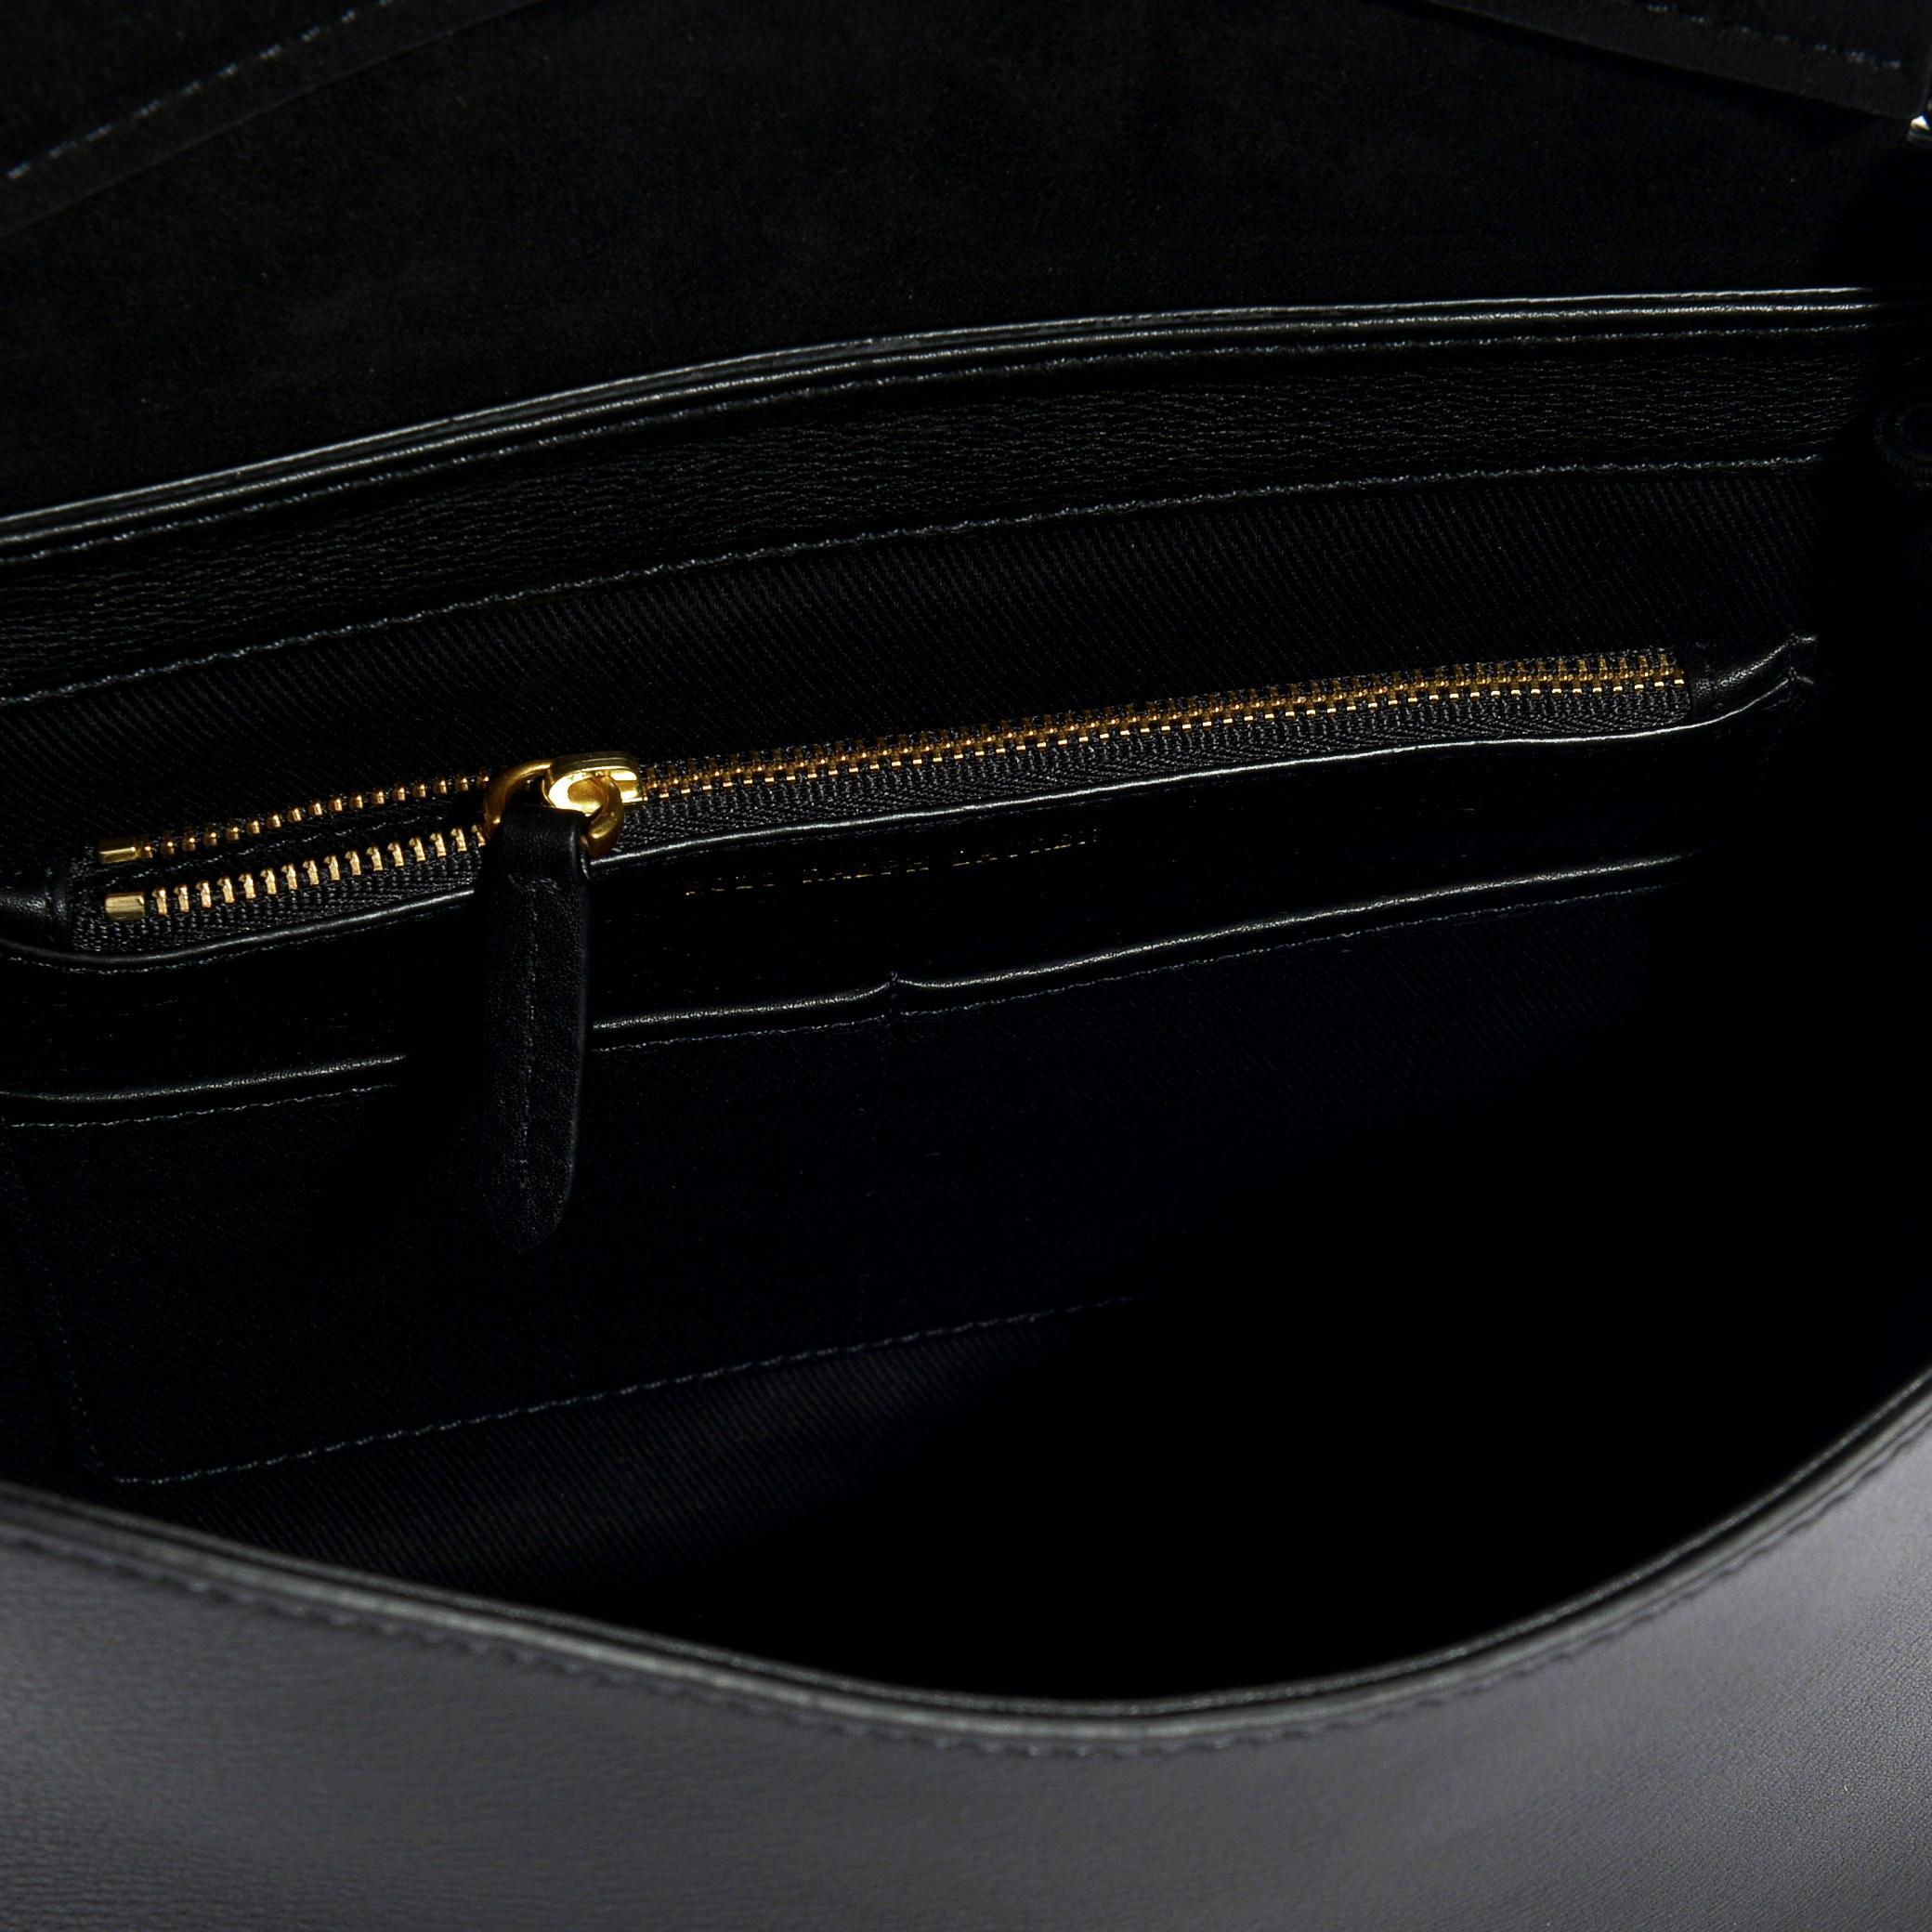 d6687417c1e97 Lyst - Polo Ralph Lauren Kleine Handtasche Brooke aus schwarzem ...